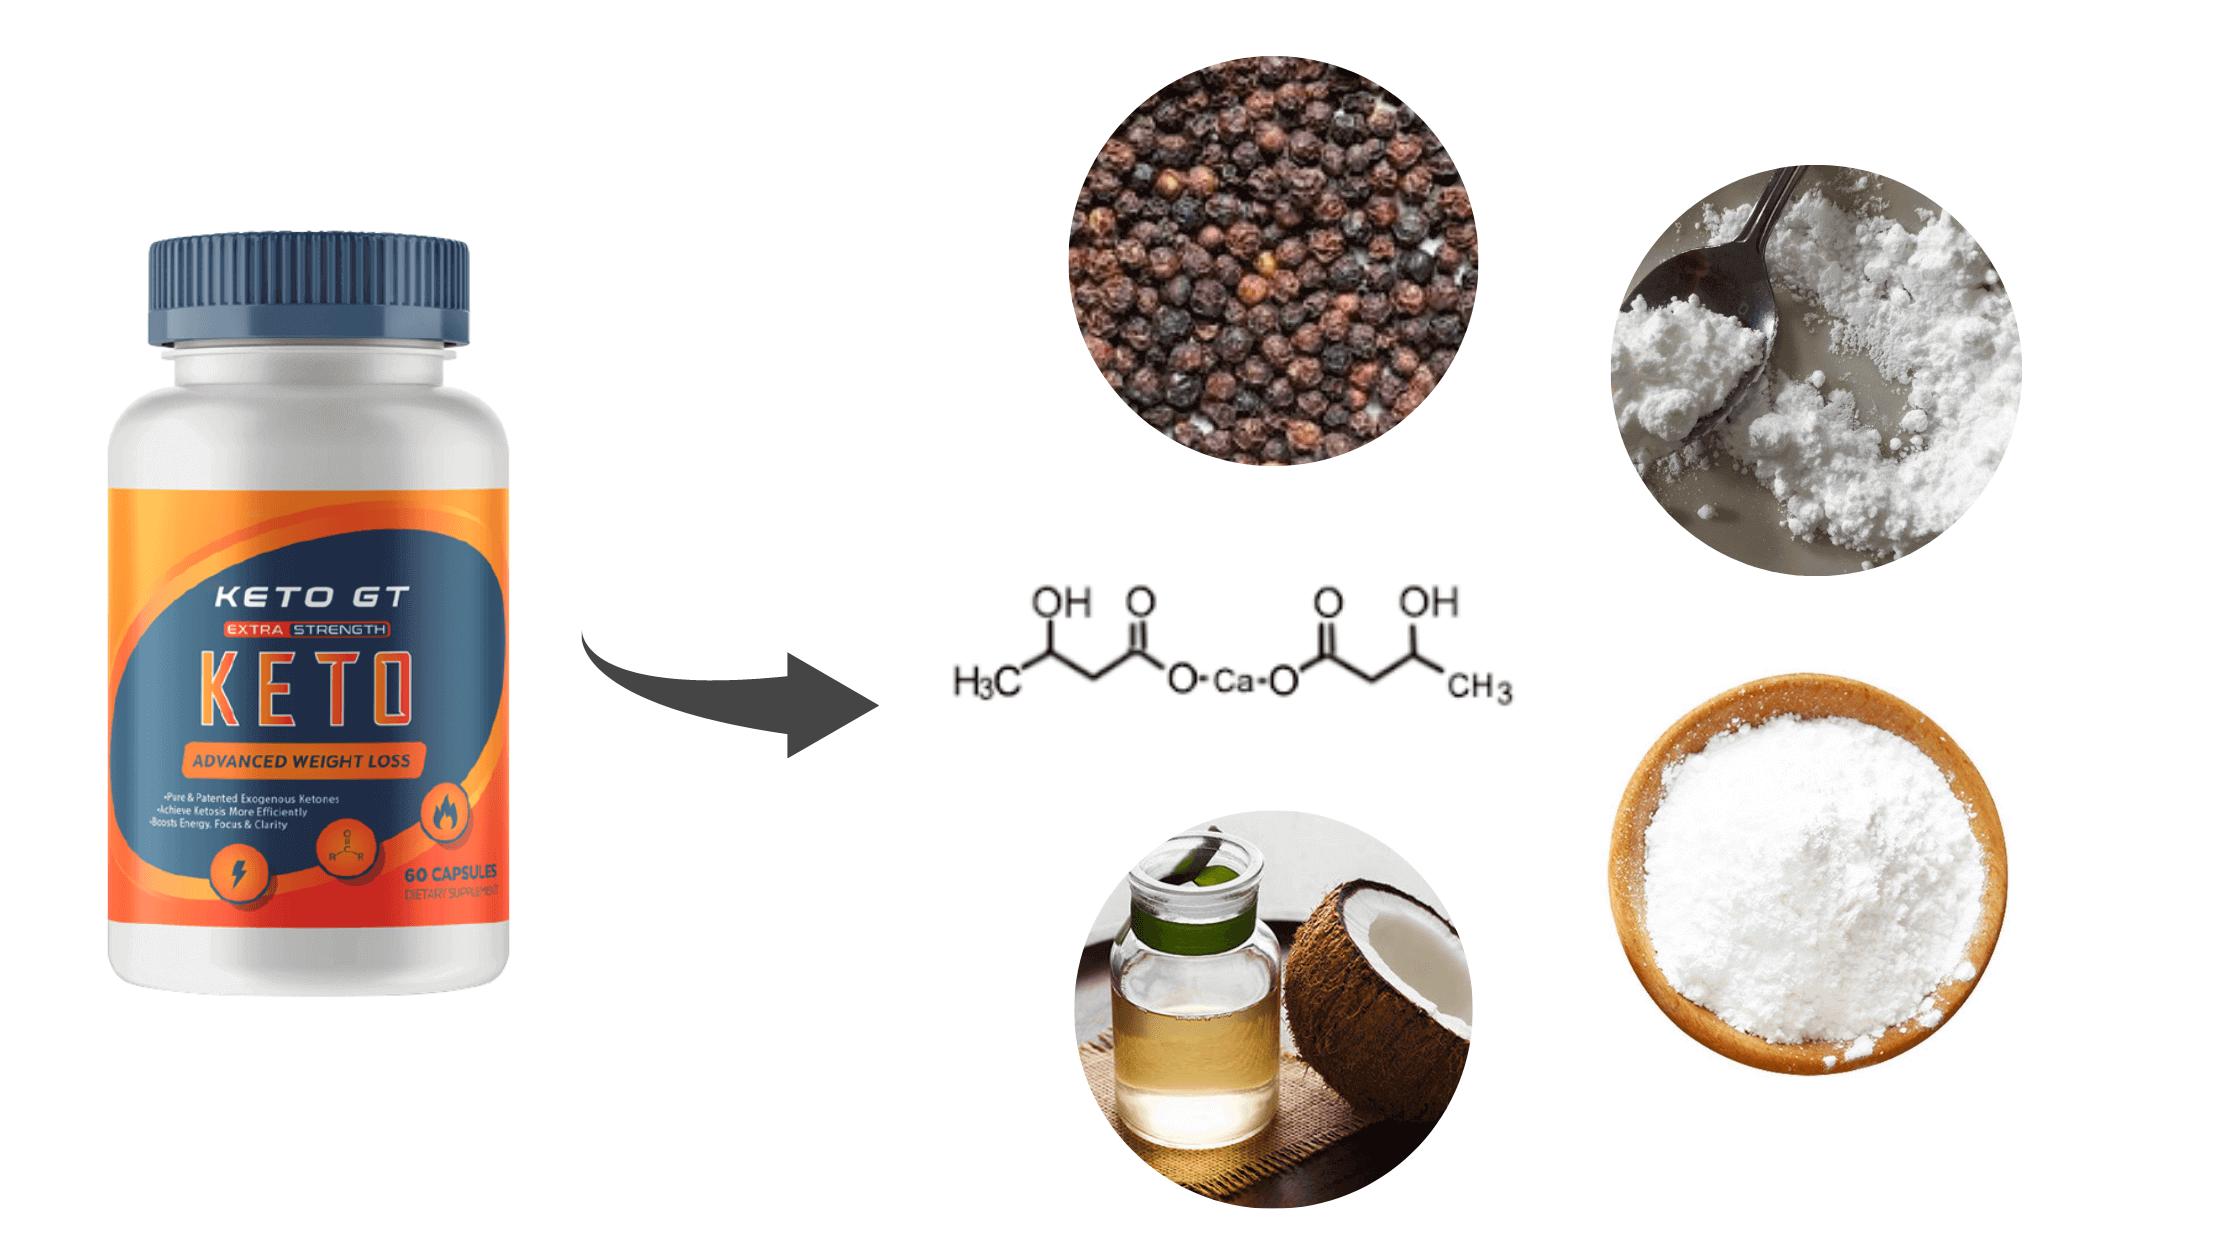 Keto GT Ingredients